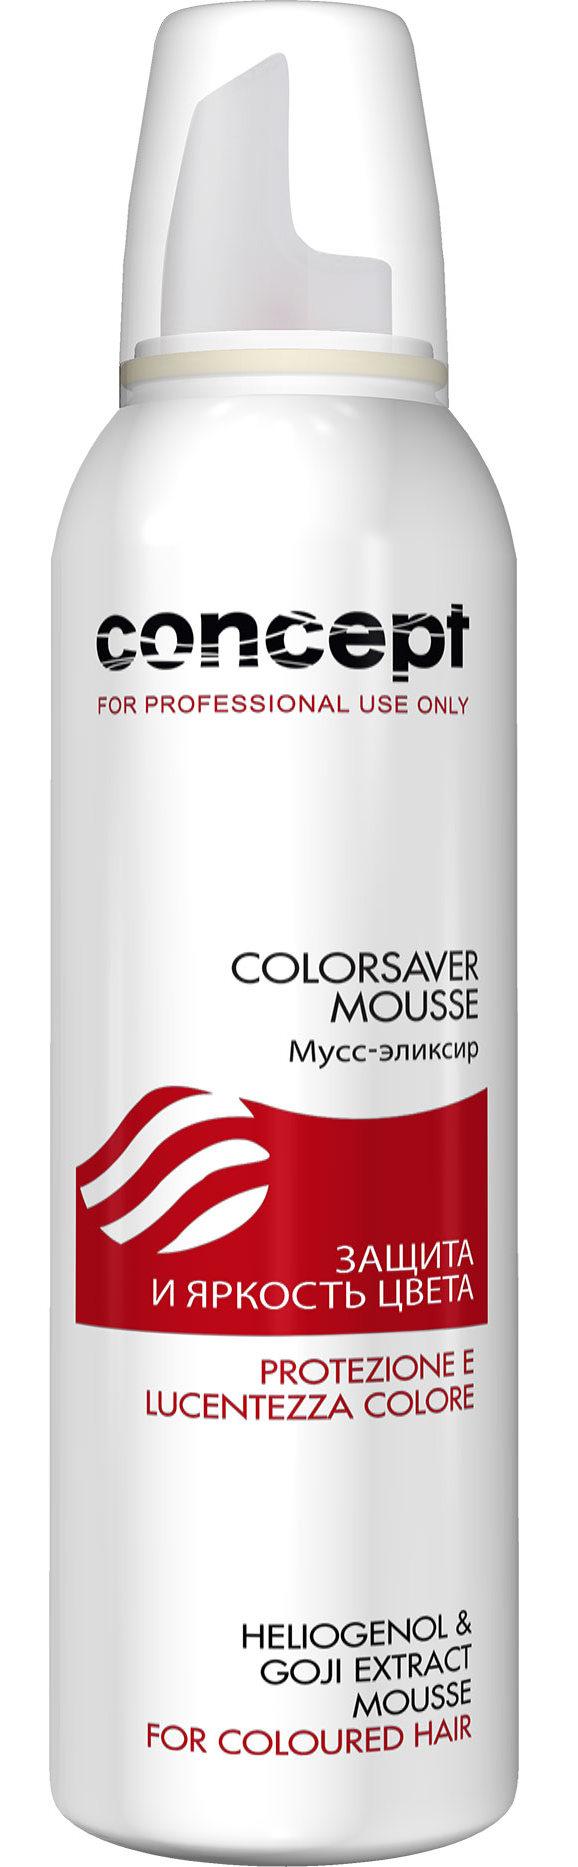 CONCEPT Мусс-эликсир для волос Защита и яркость цвета / Salon Total Сolorsaver Mousse 200 мл